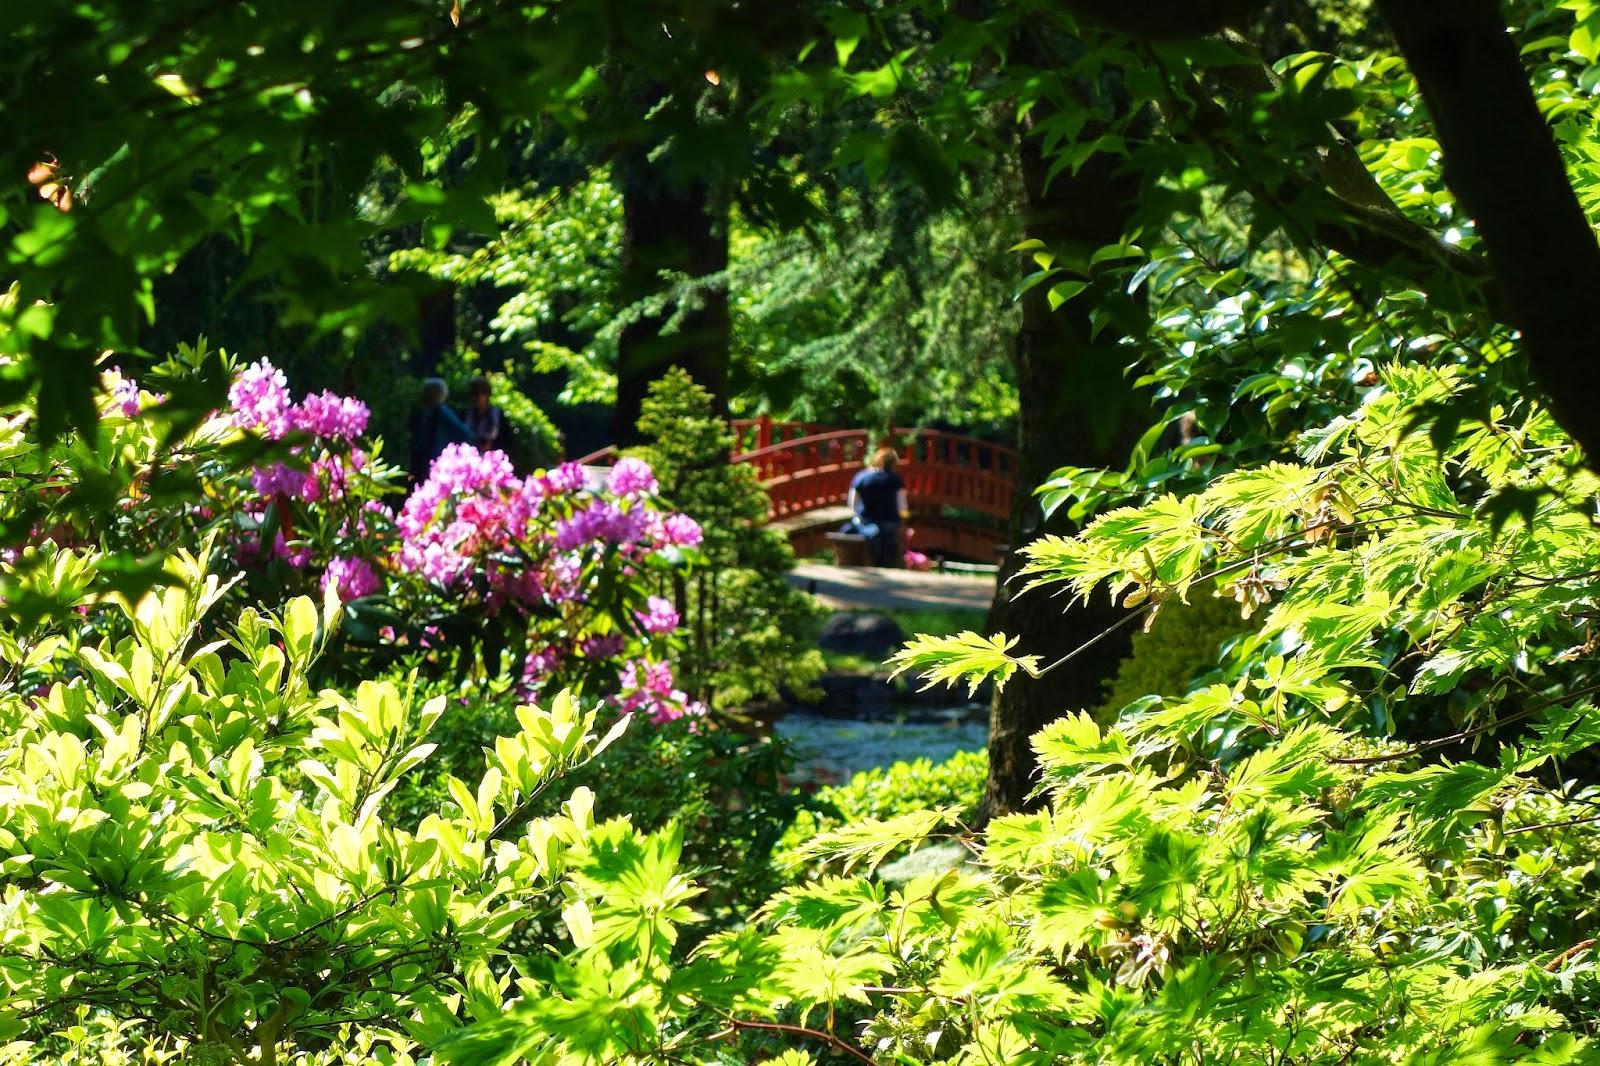 fontaine jardin zen fontaine jardin zen colombes u clic photo galerie fontaine a eau solaire de. Black Bedroom Furniture Sets. Home Design Ideas